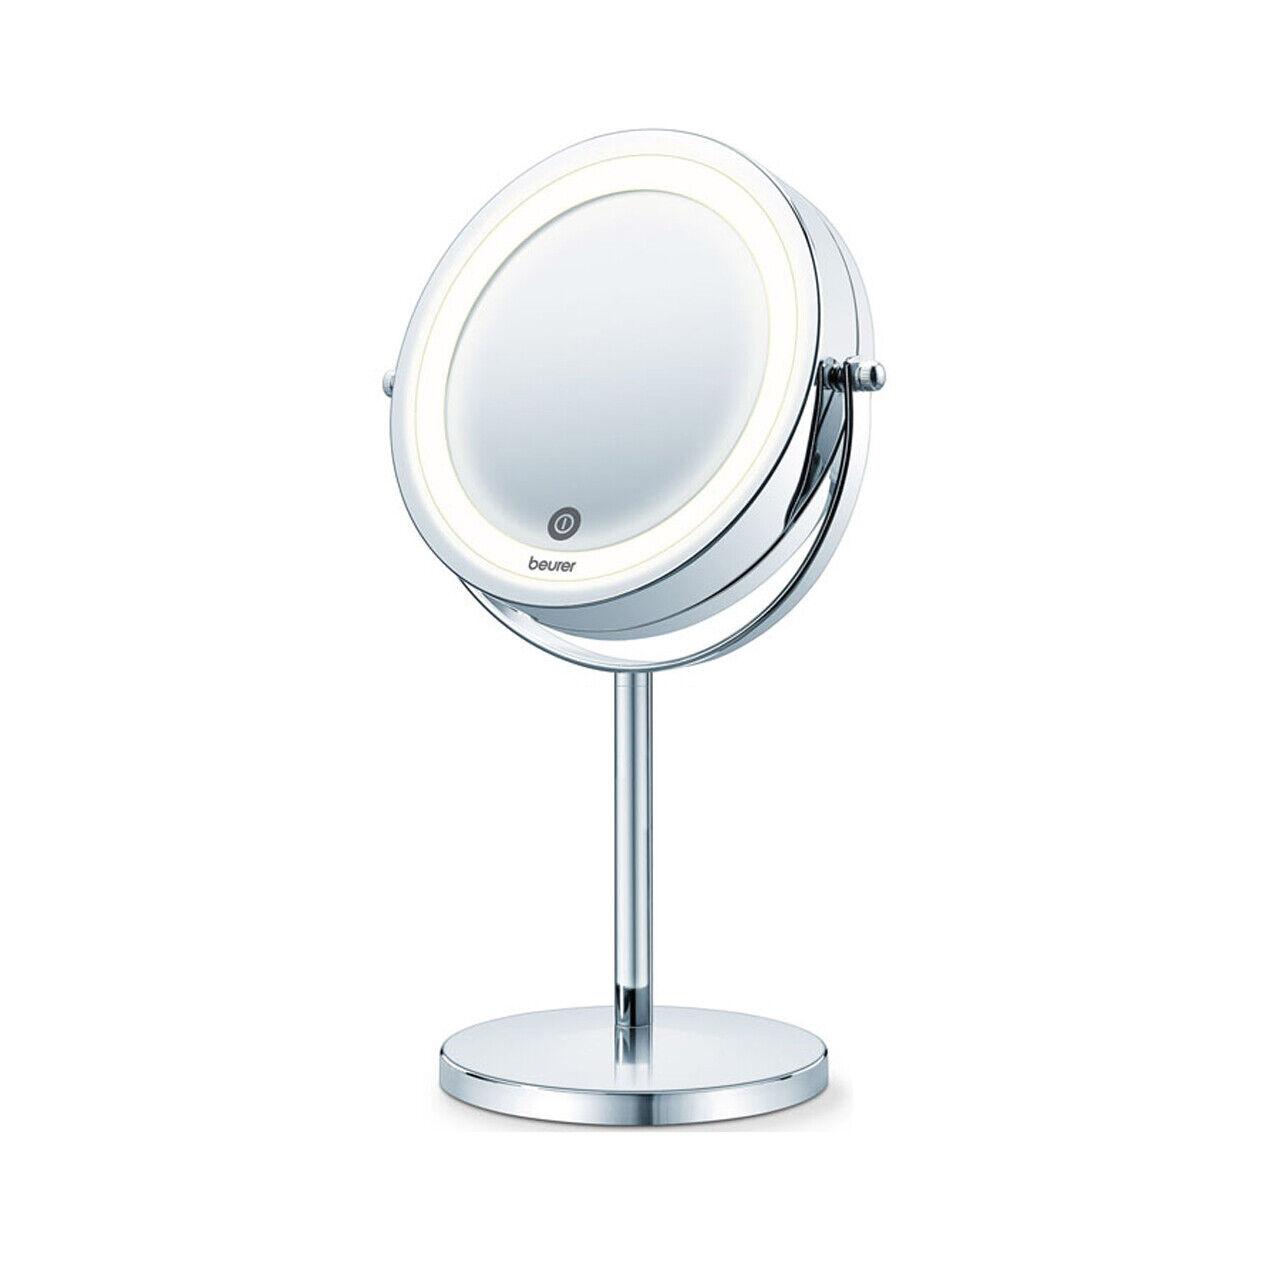 LED beleuchteter Kosmetikspiegel Tischspiegel Schminkspiegel mit 7-fachem Zoom